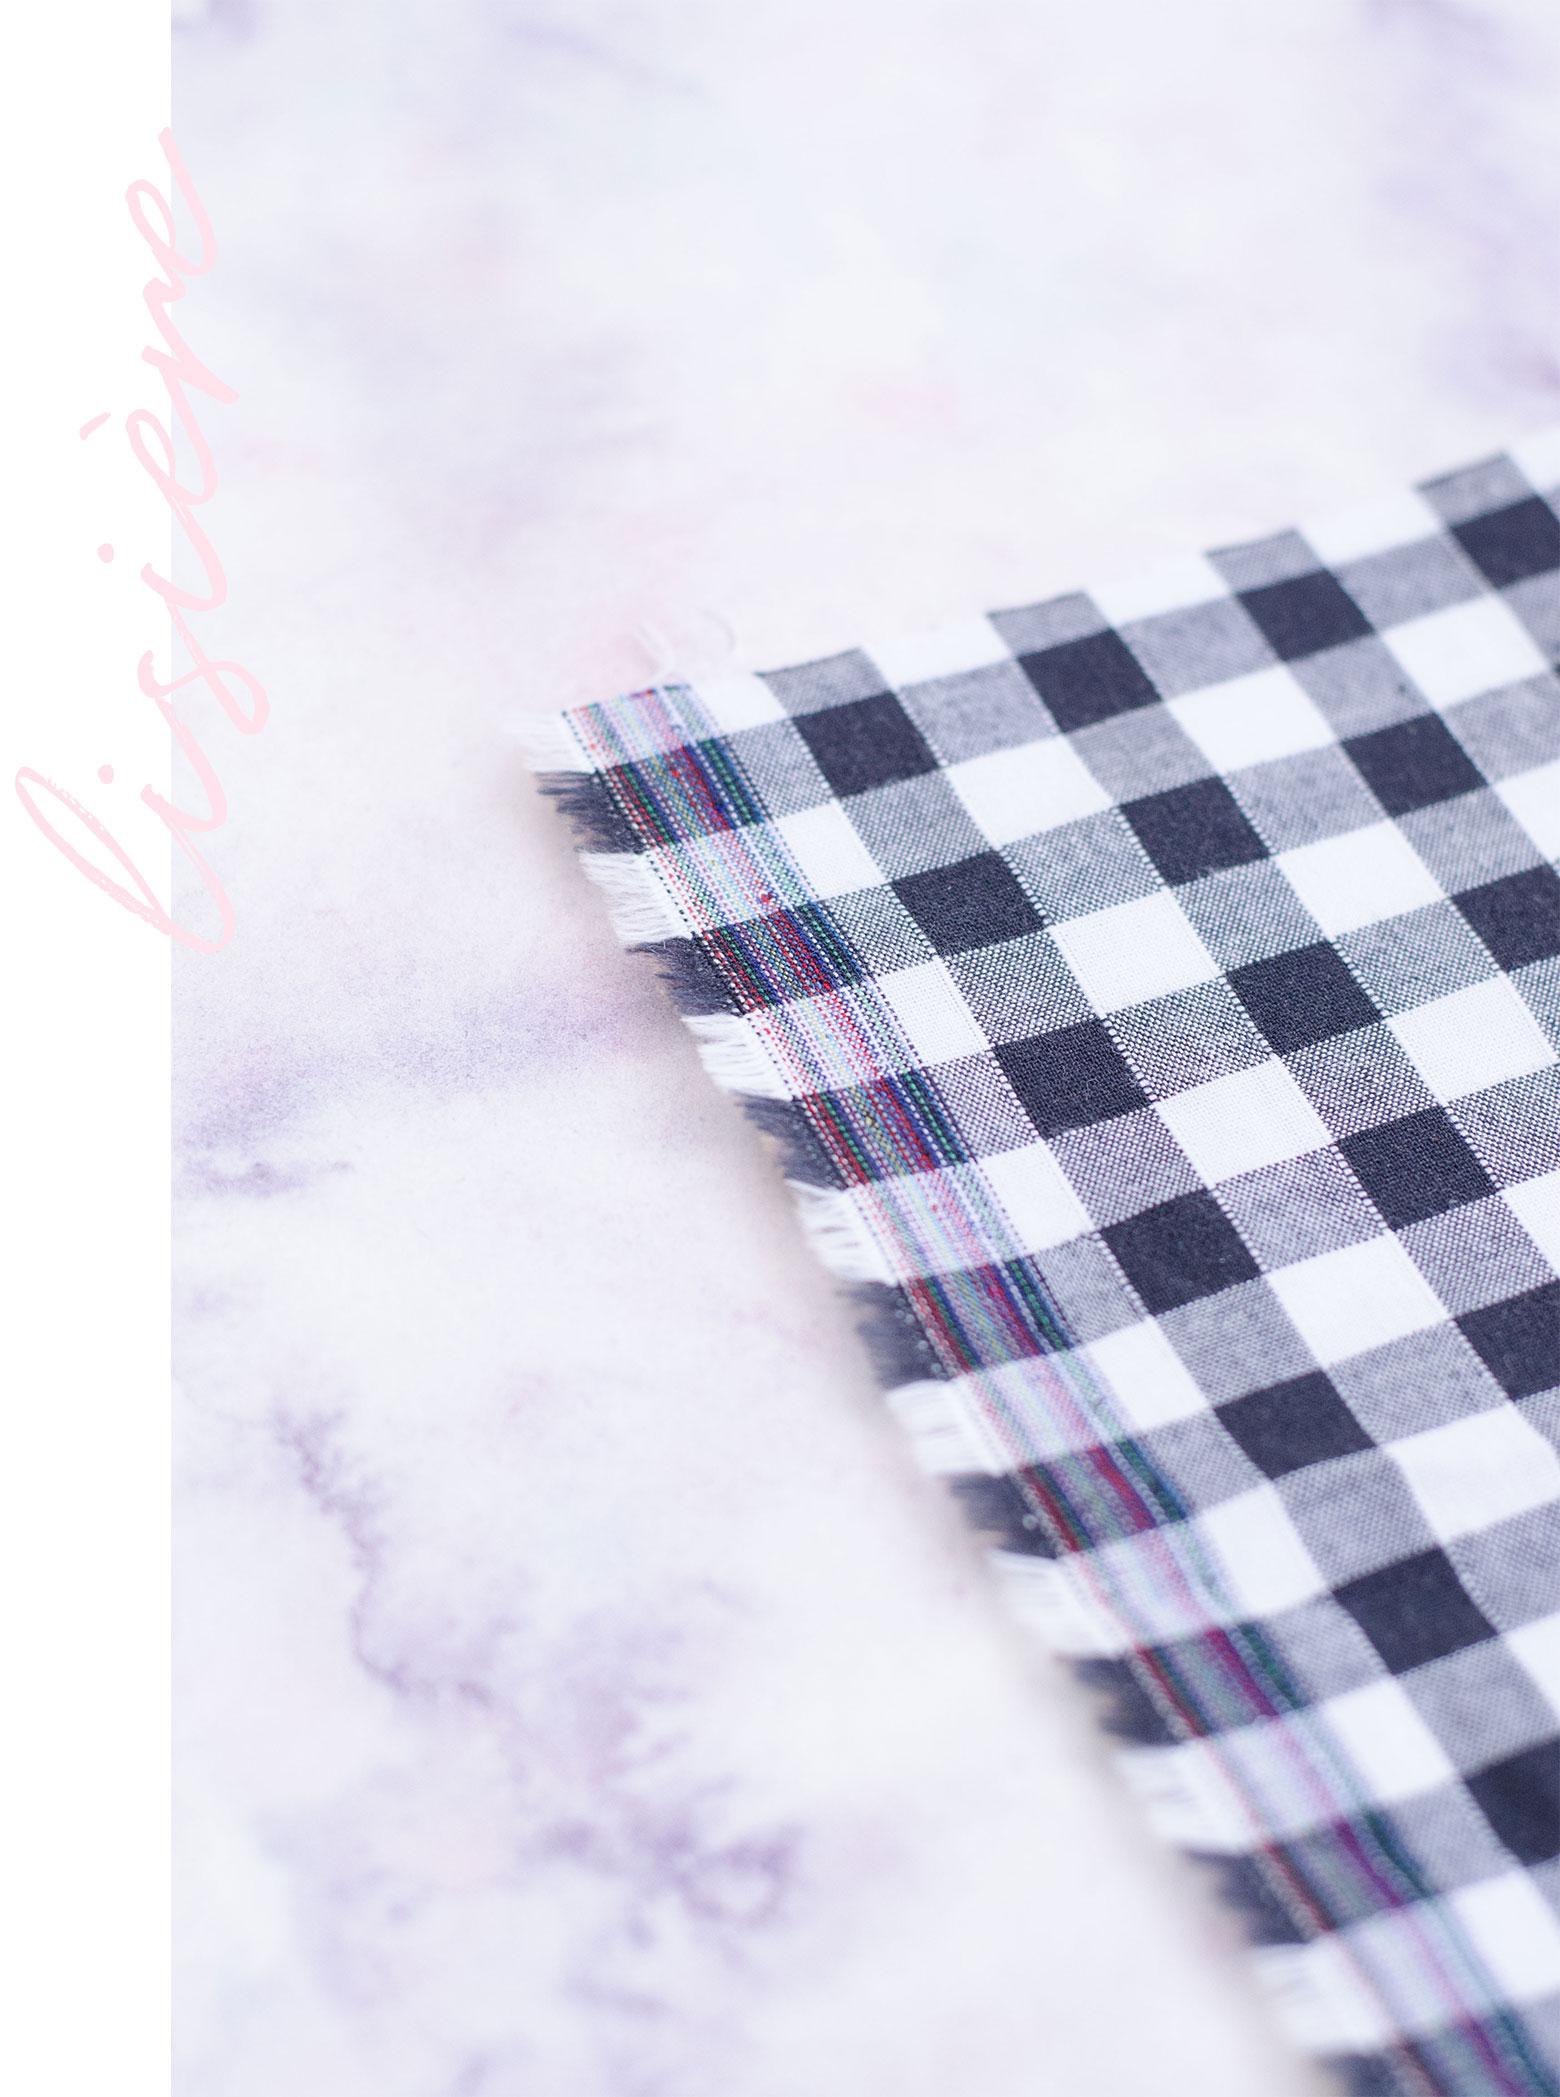 Le lexique complet de la couture : Lisière